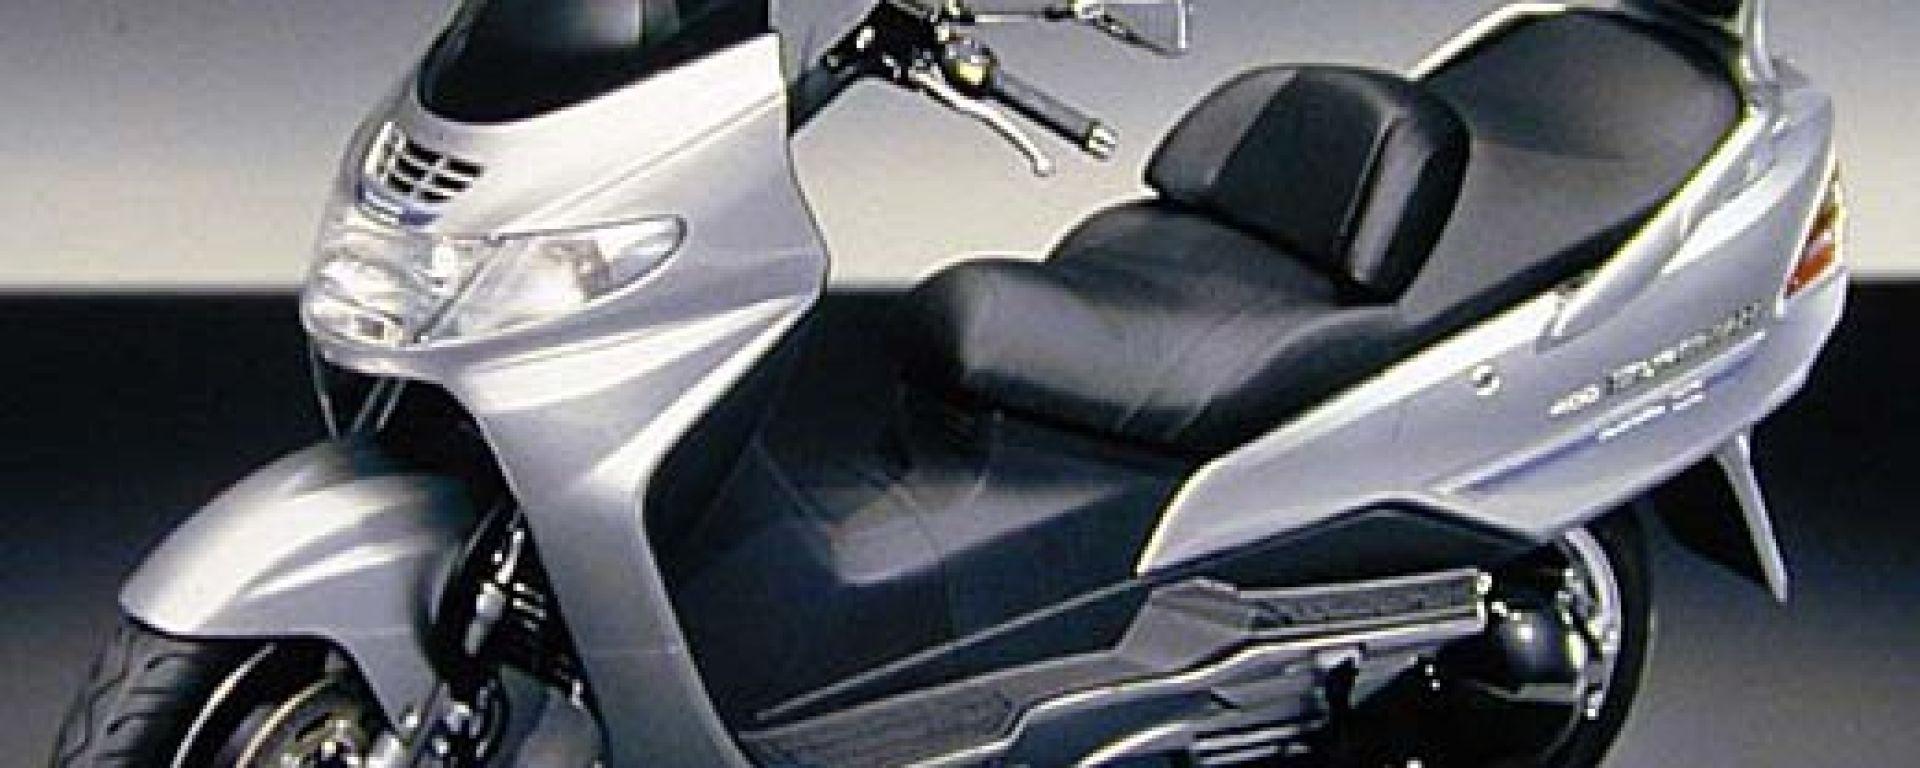 Suzuki Burgman 400 Martini Racing: elogio dell'esclusività.